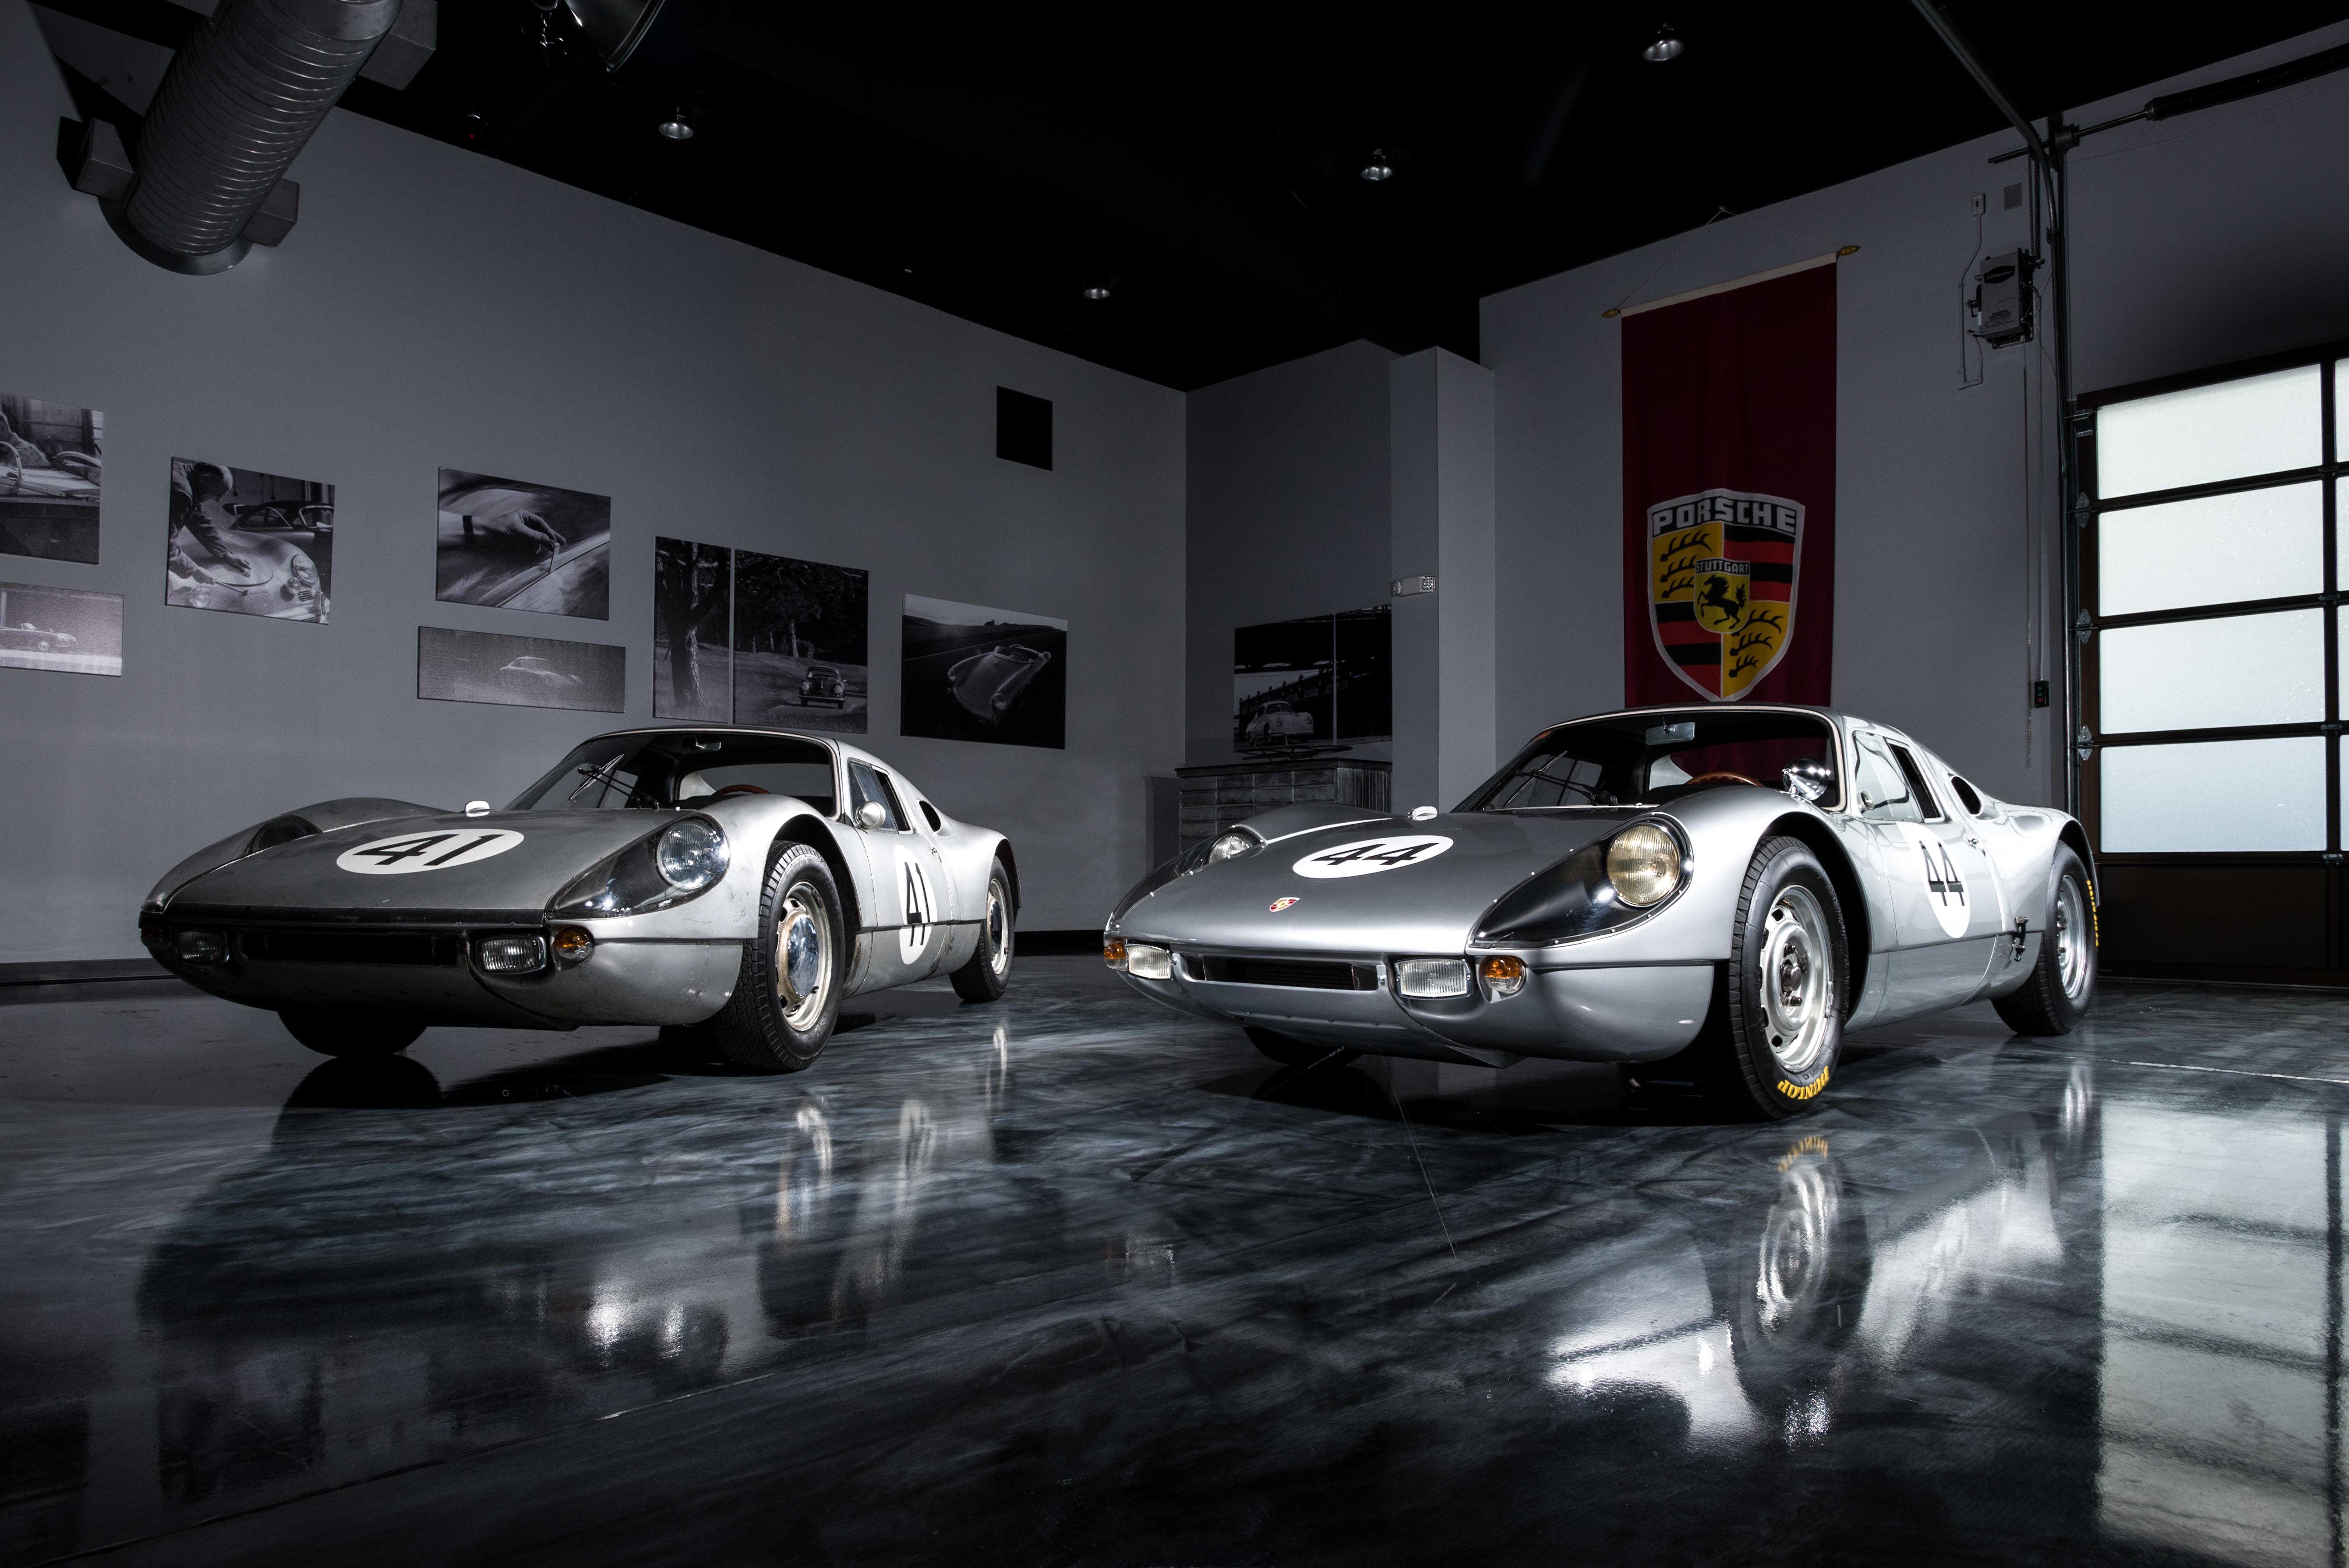 Porsche 904's - Road Scholars